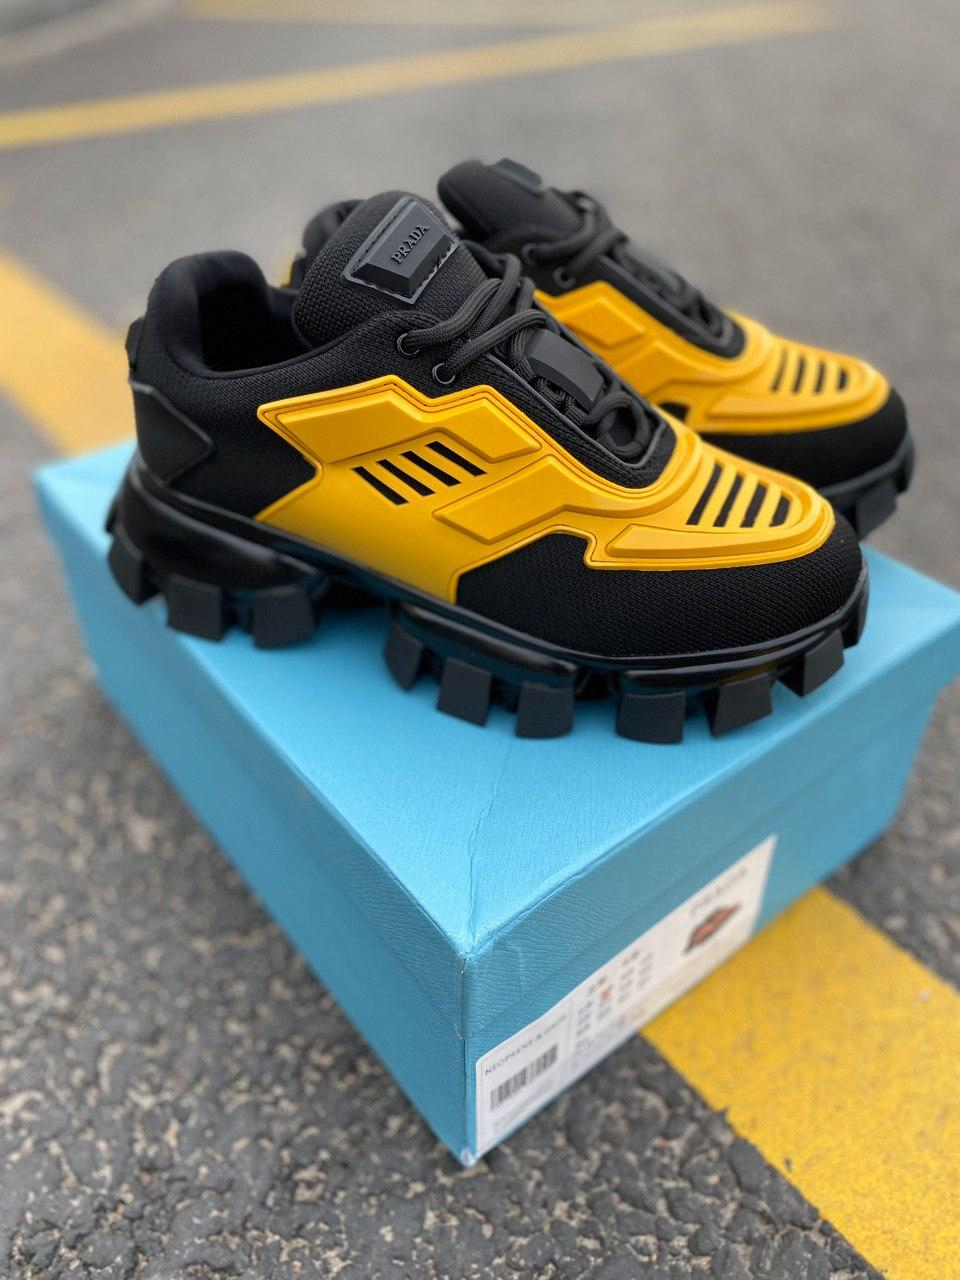 Женские кроссовки Prada CloudBust Black/Yellow